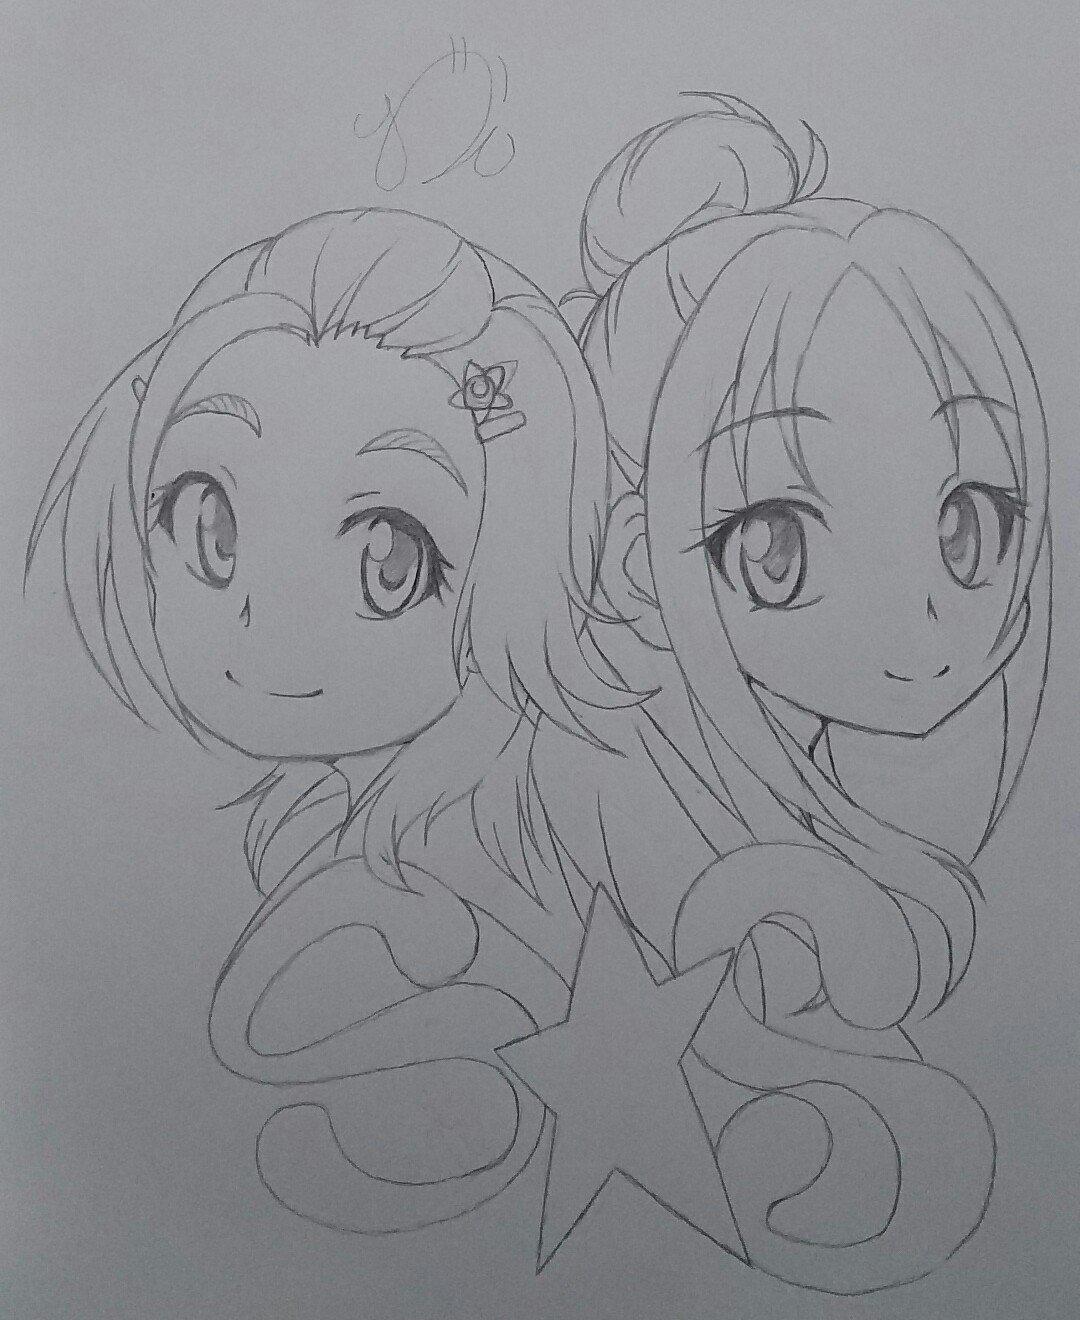 みかん (@nakaji0083)さんのイラスト